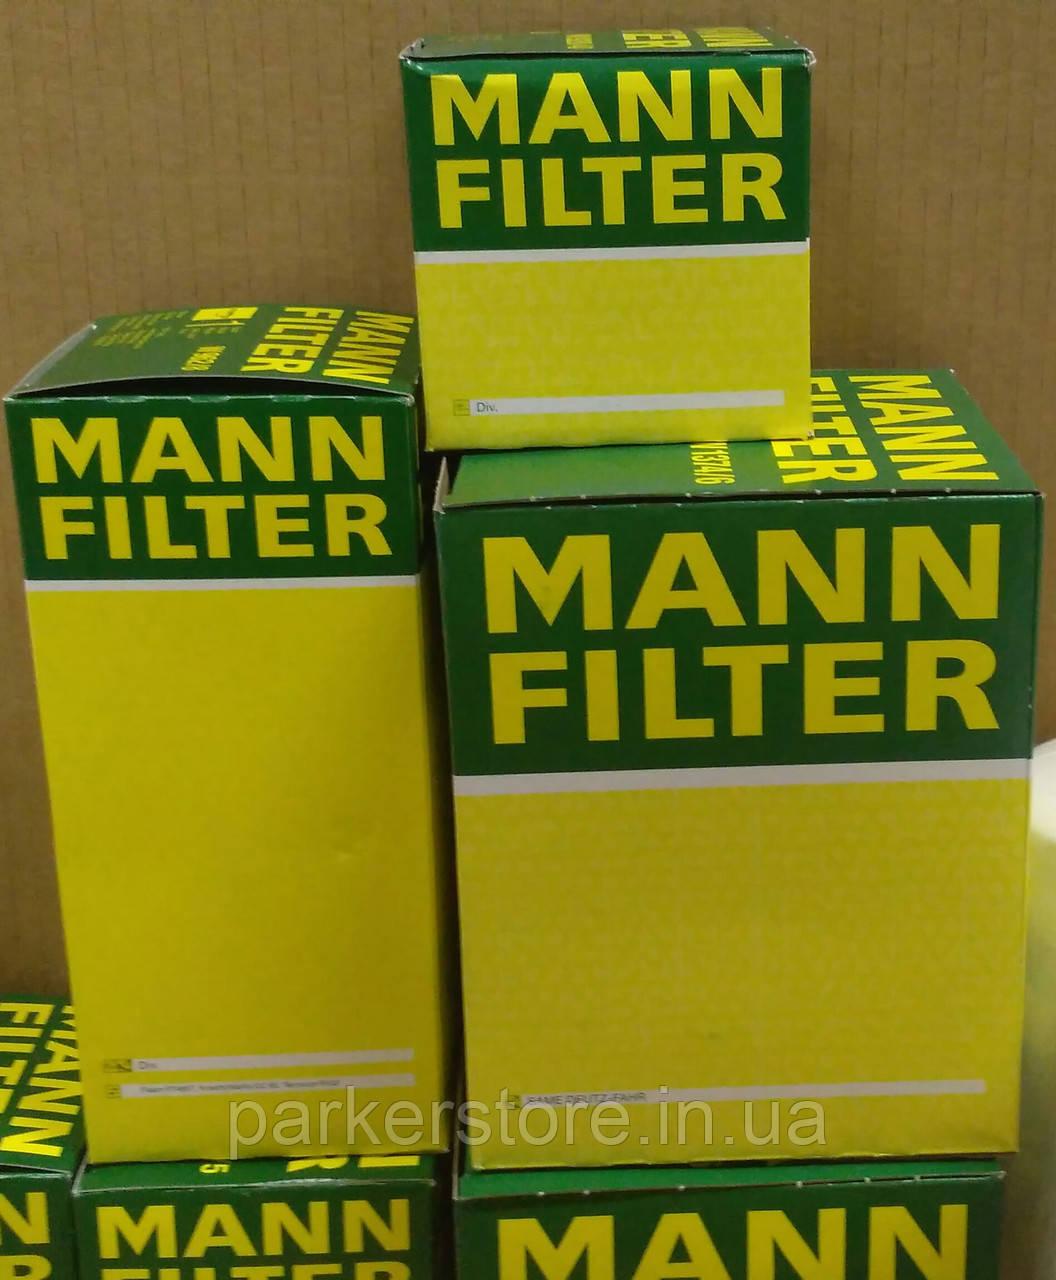 MANN FILTER / Повітряний фільтр / C 16 142/2 / C16142/2